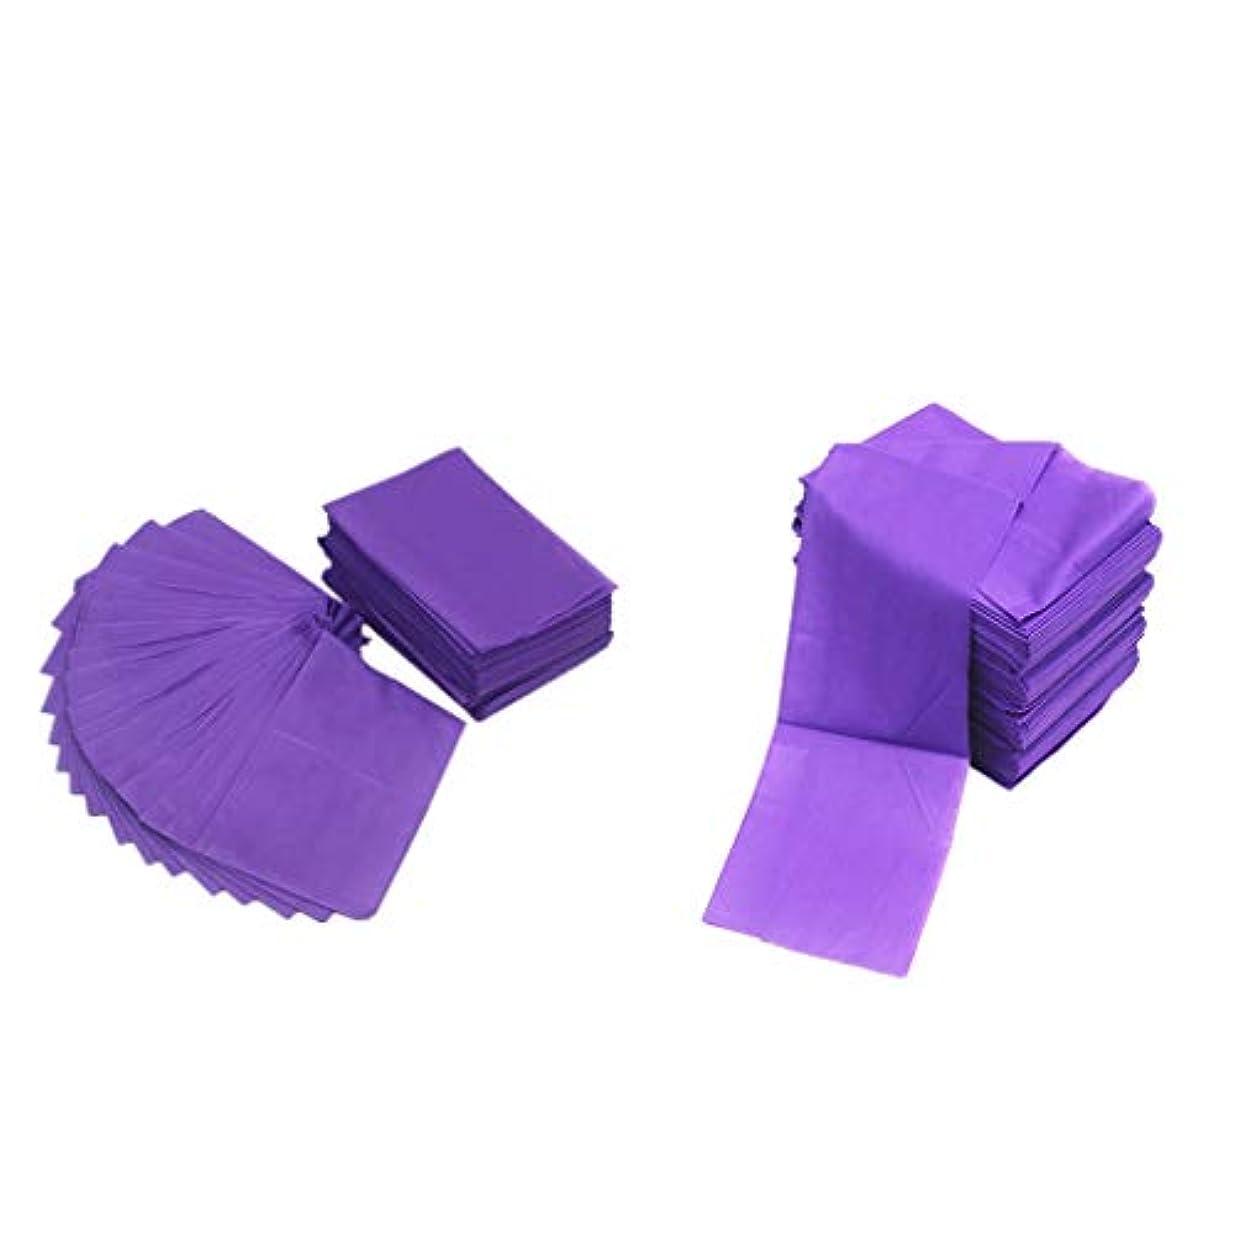 資格情報ライター赤dailymall 失禁、マッサージテーブルシートのための20部分の不織布使い捨てシーツペーパー